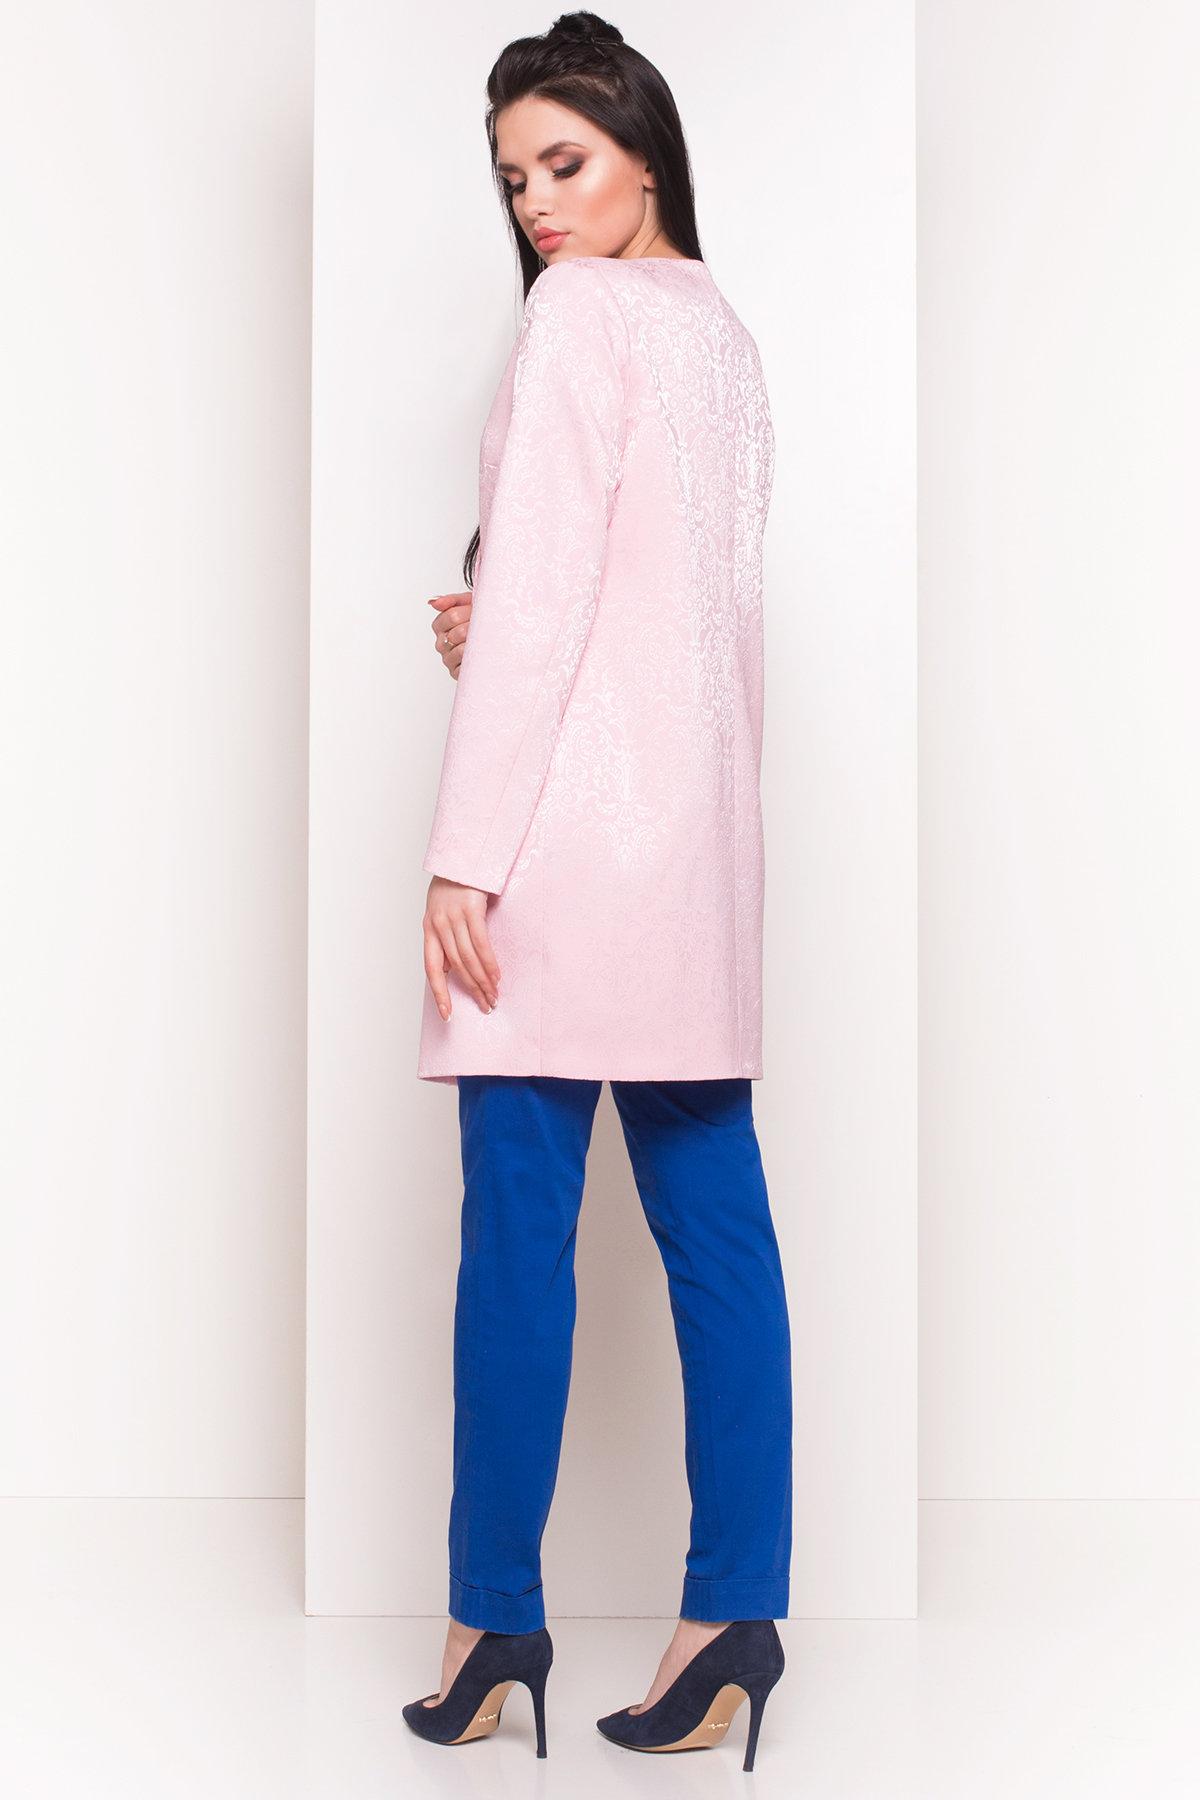 Свободный плащ со скрытой застежкой Фабио 4700 АРТ. 33838 Цвет: Розовый - фото 3, интернет магазин tm-modus.ru